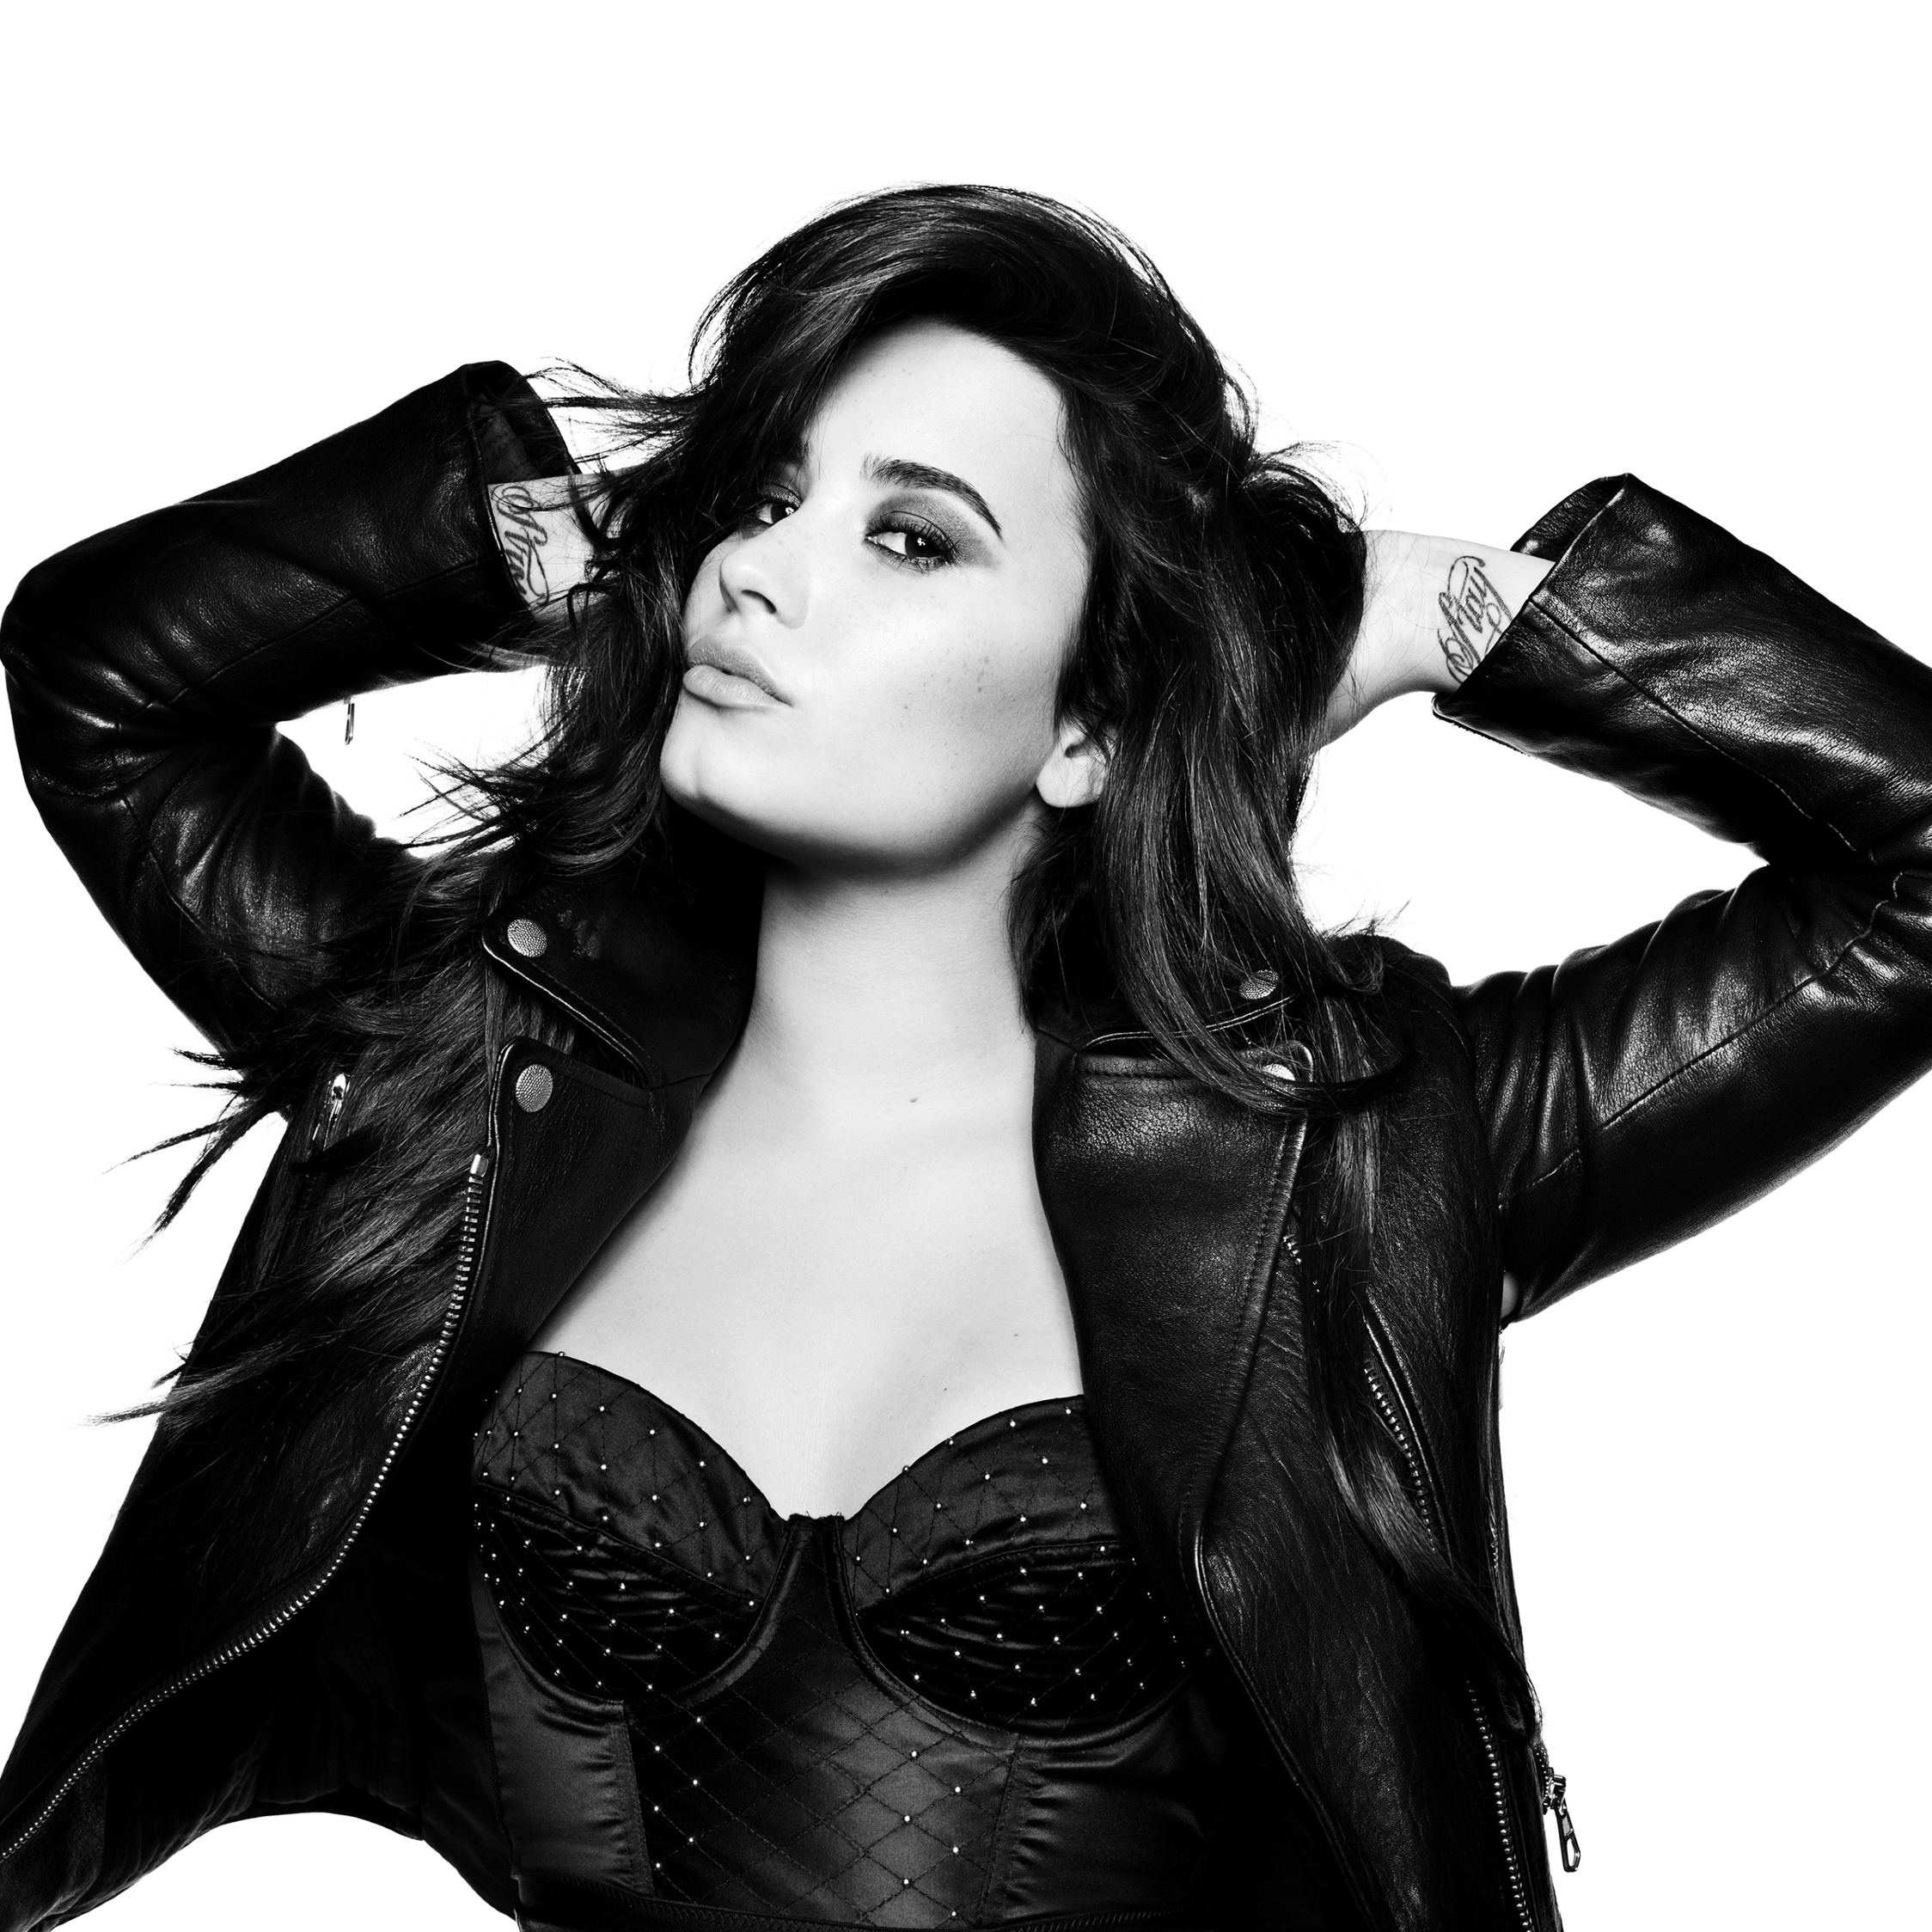 Demi Lovato Wallpaper: Demi Lovato 2018 Monochrome, HD 4K Wallpaper